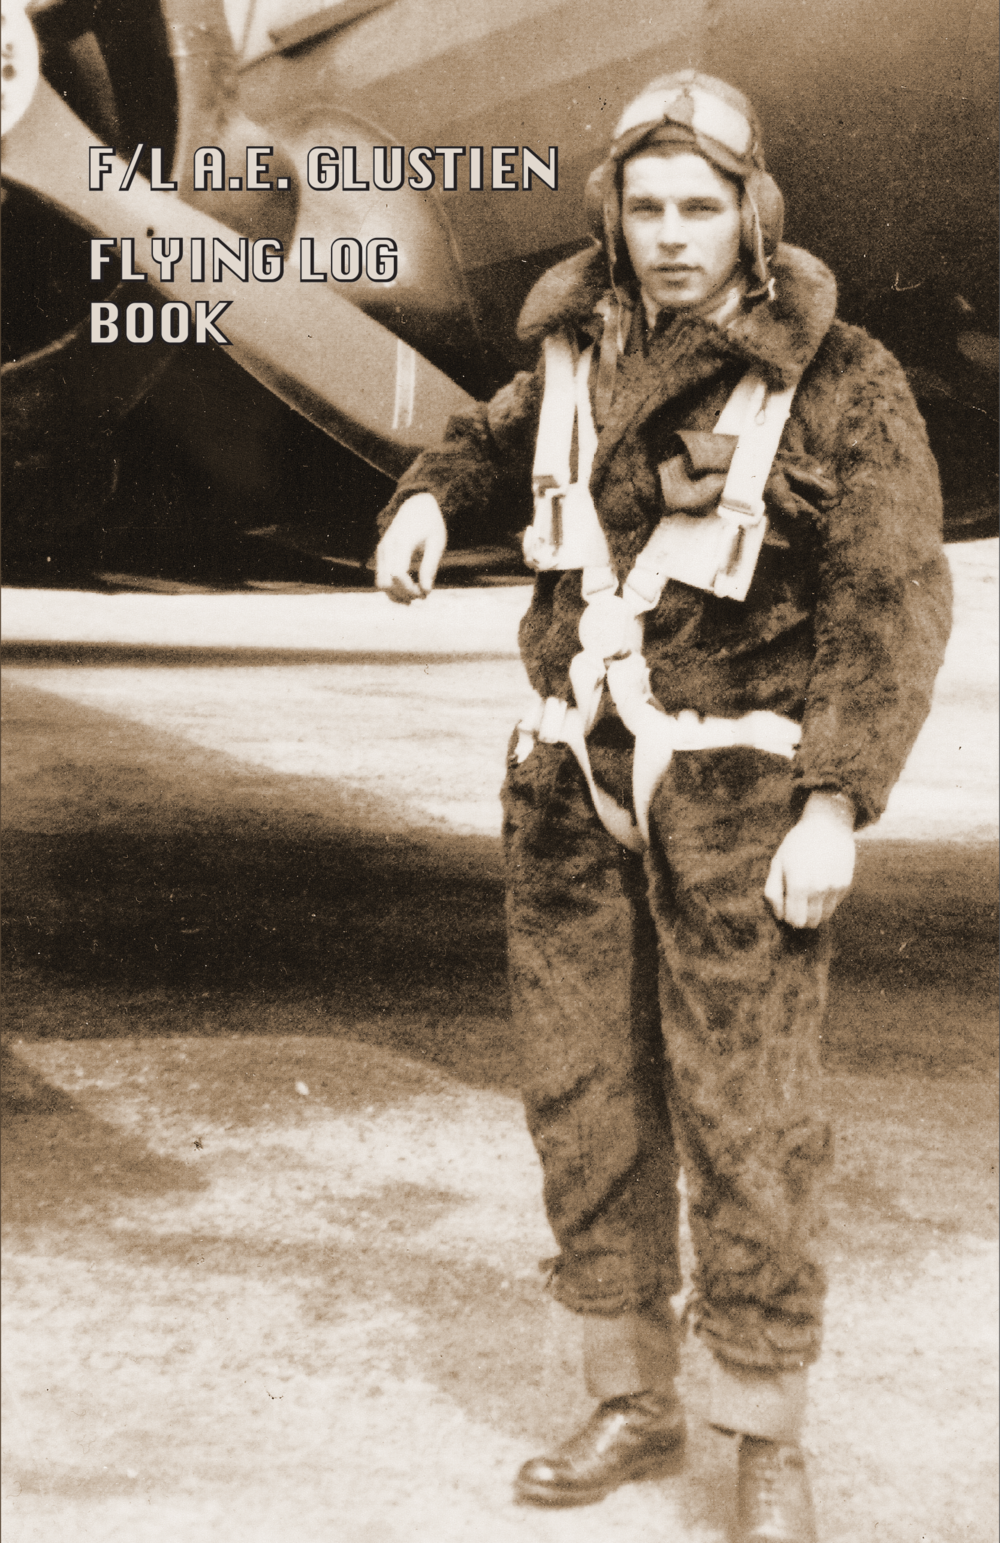 Glustien Flying Log Book_Cropped Cover.png